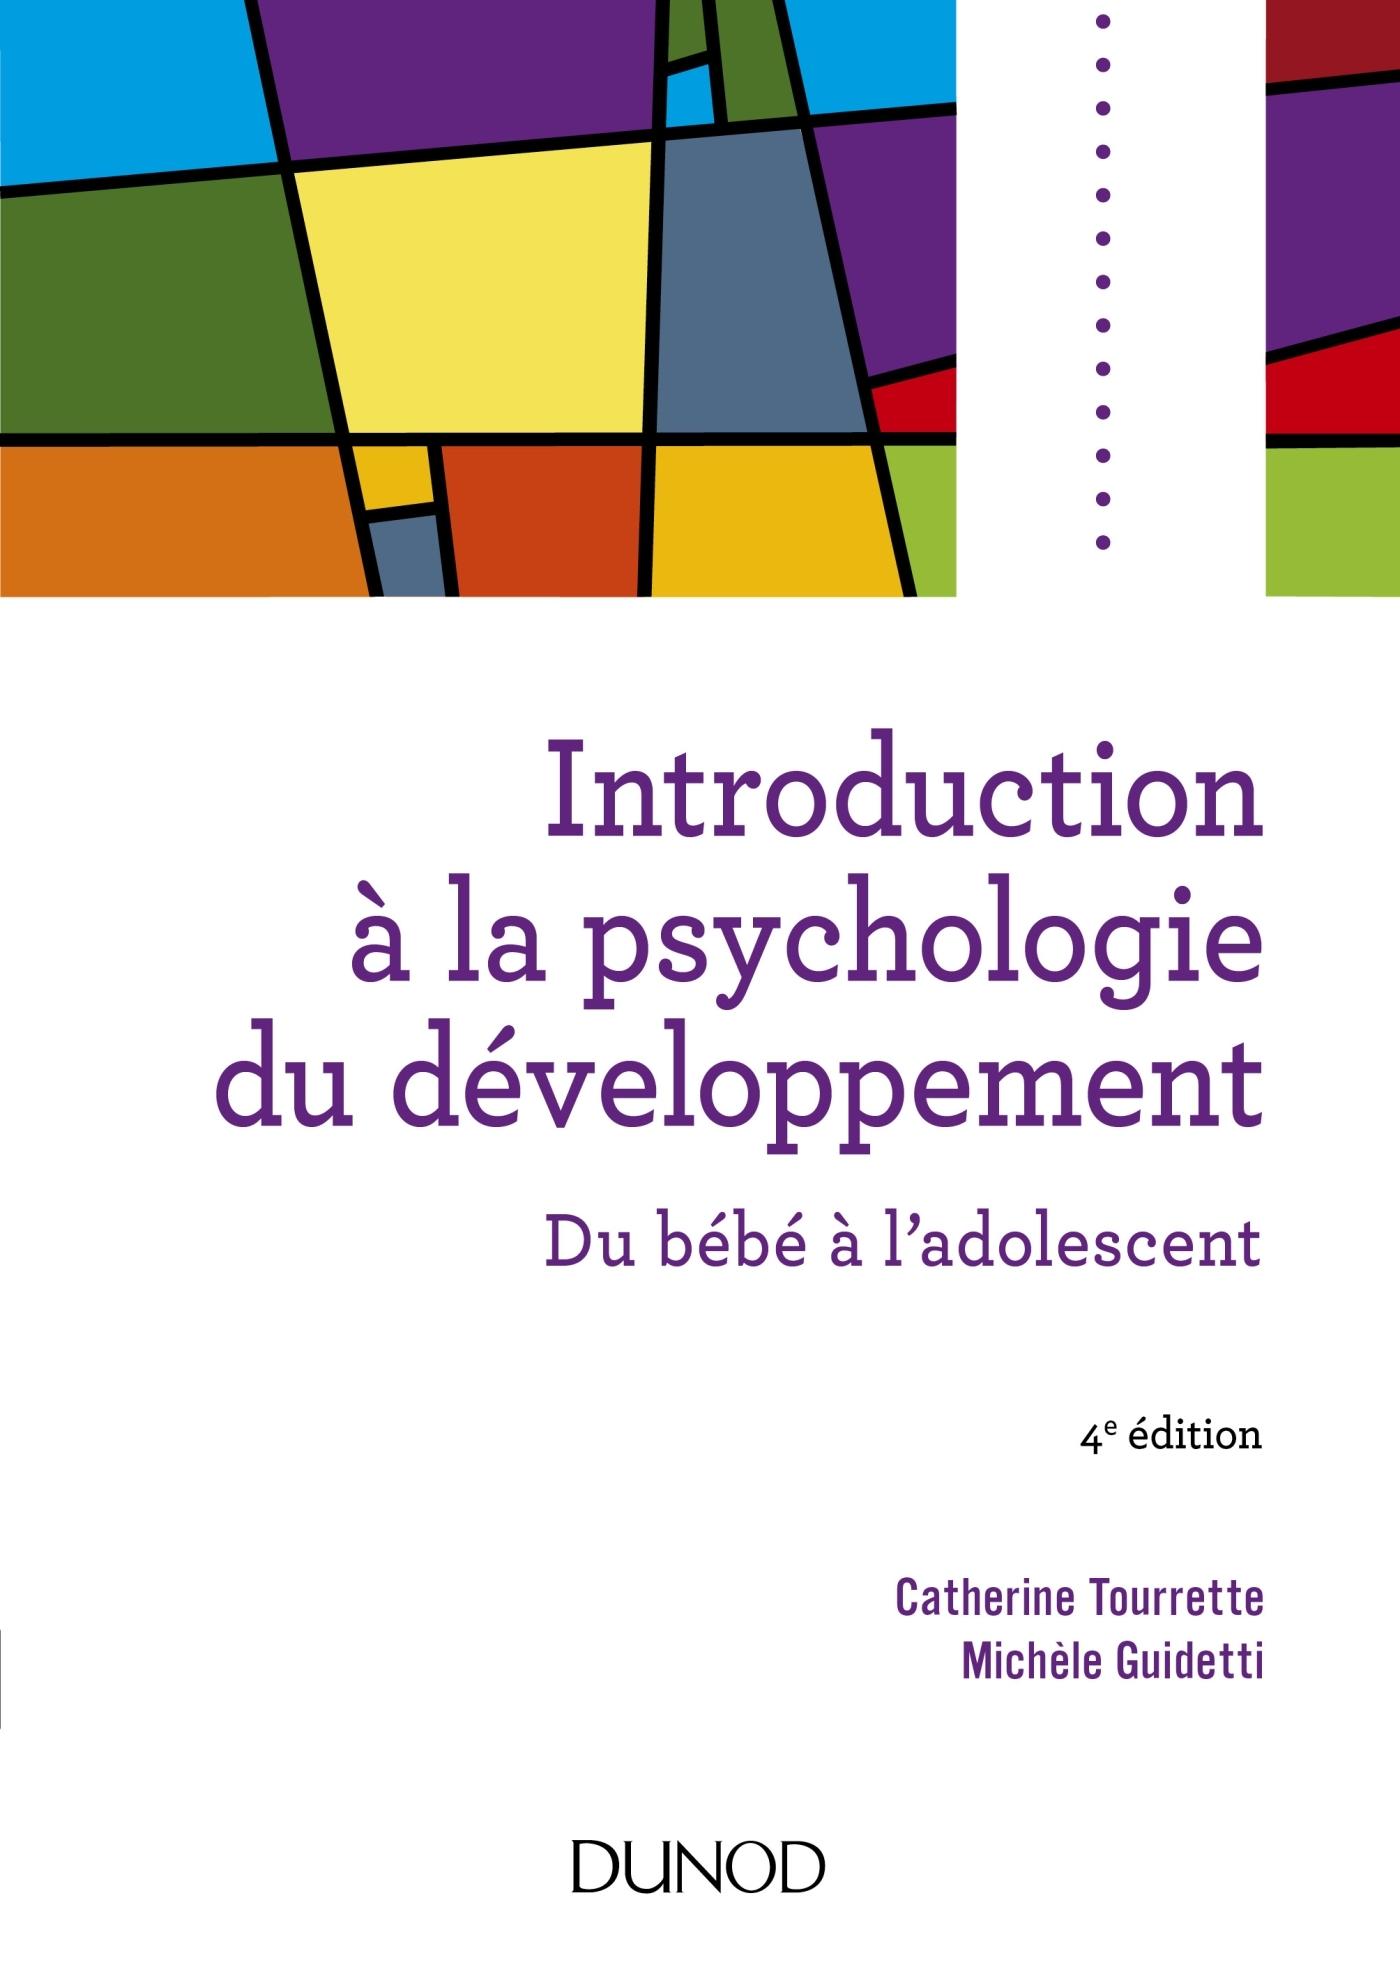 INTRODUCTION A LA PSYCHOLOGIE DU DEVELOPPEMENT - 4E ED. - DU BEBE A L'ADOLESCENT